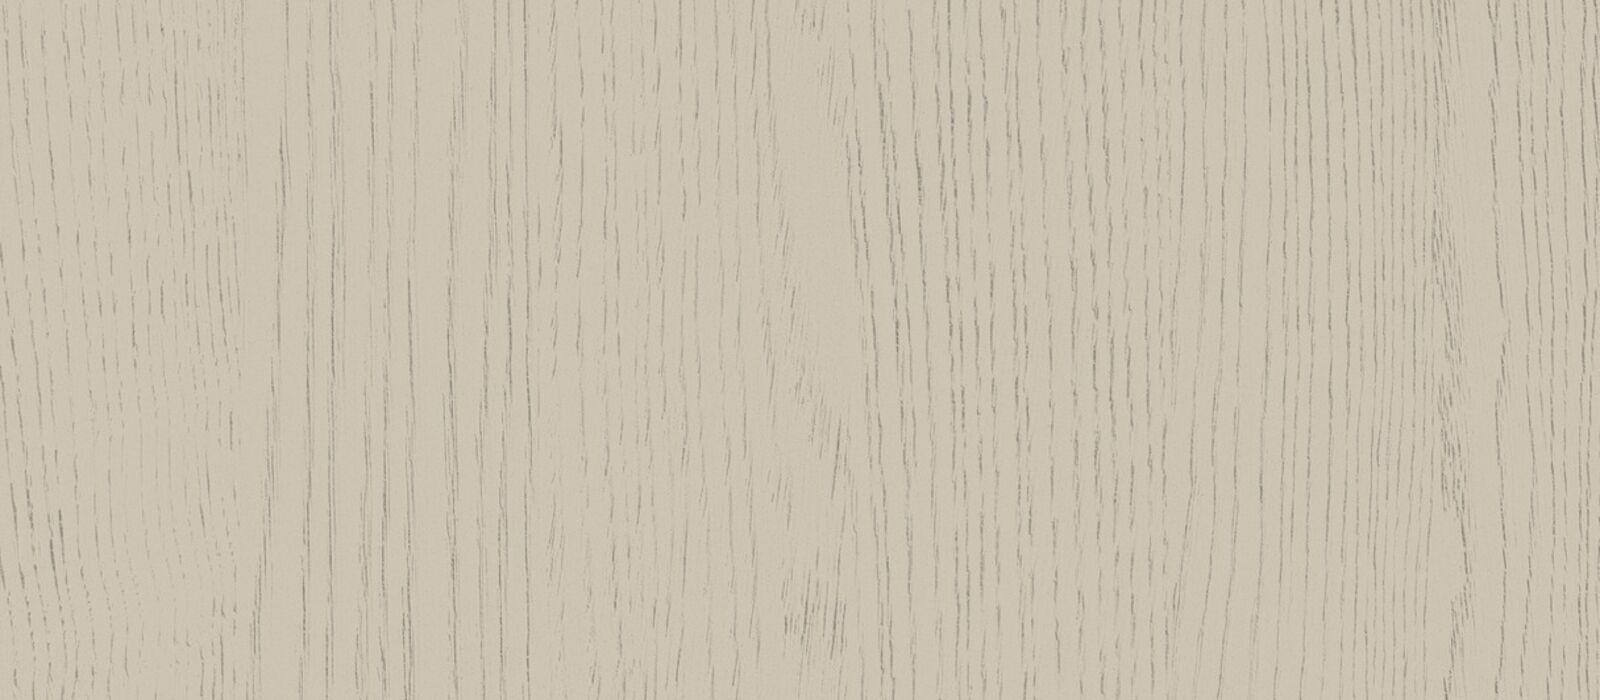 colore structure kaschmir      0,45 1440